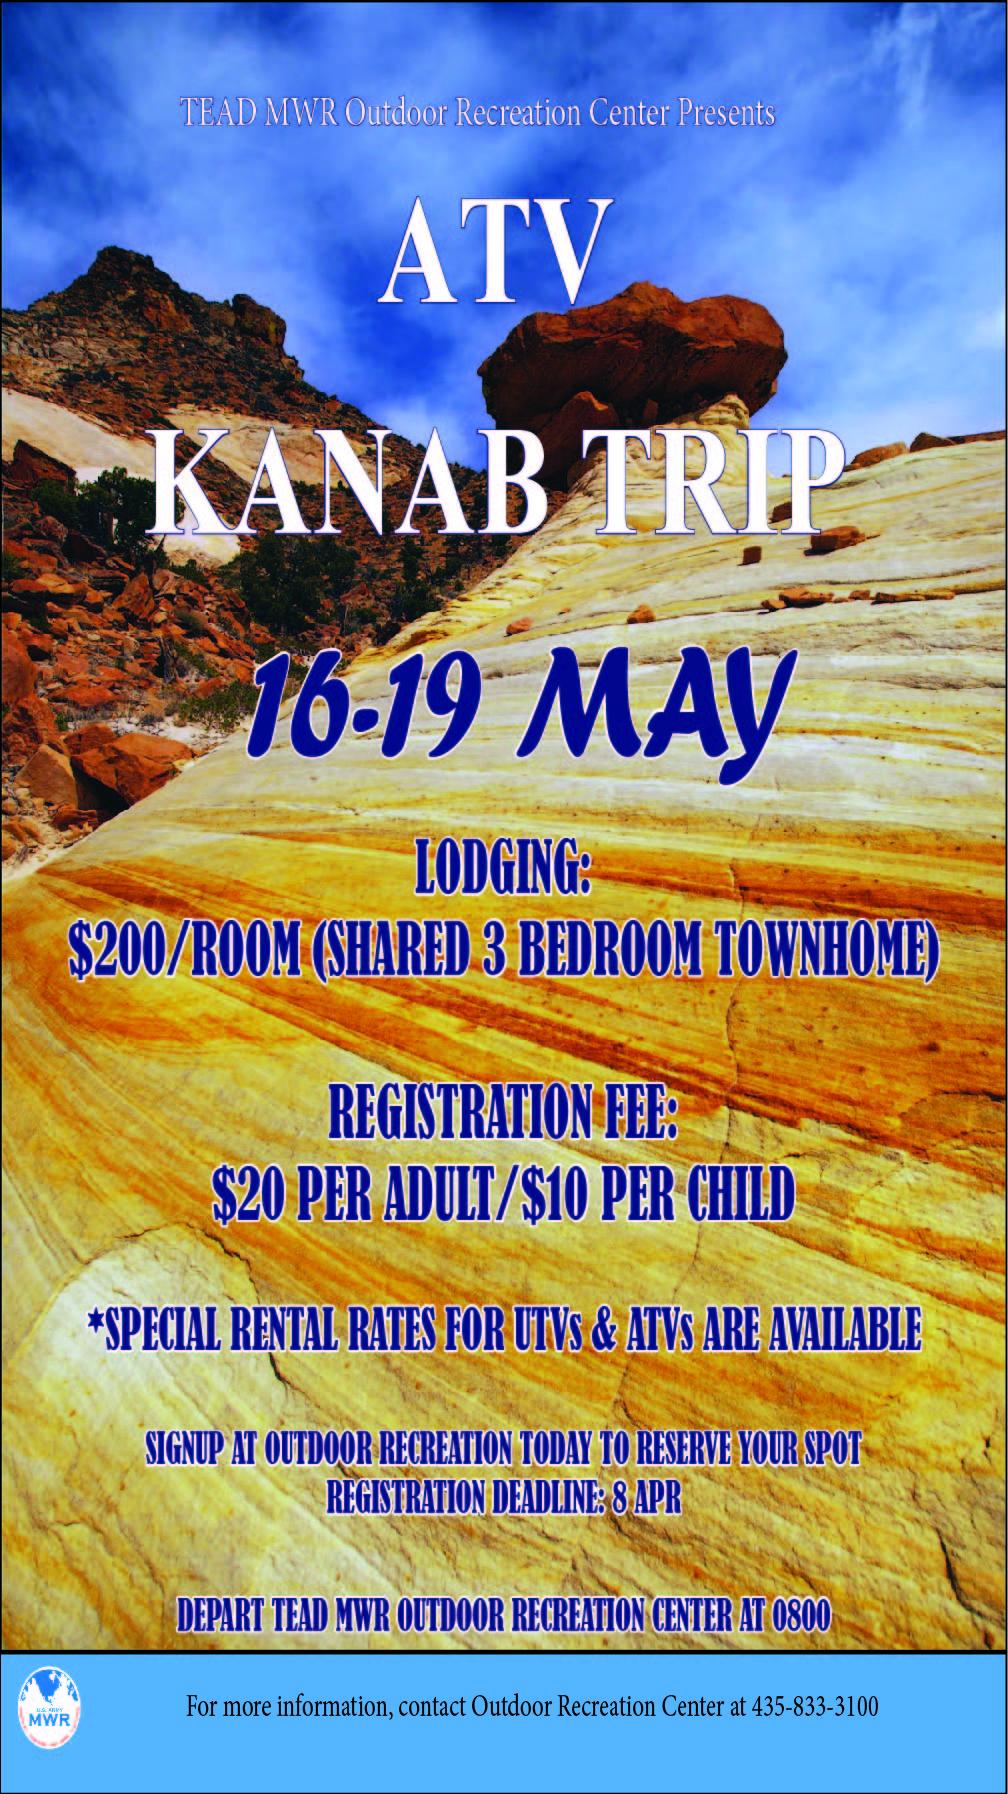 ATV Kanab Trip